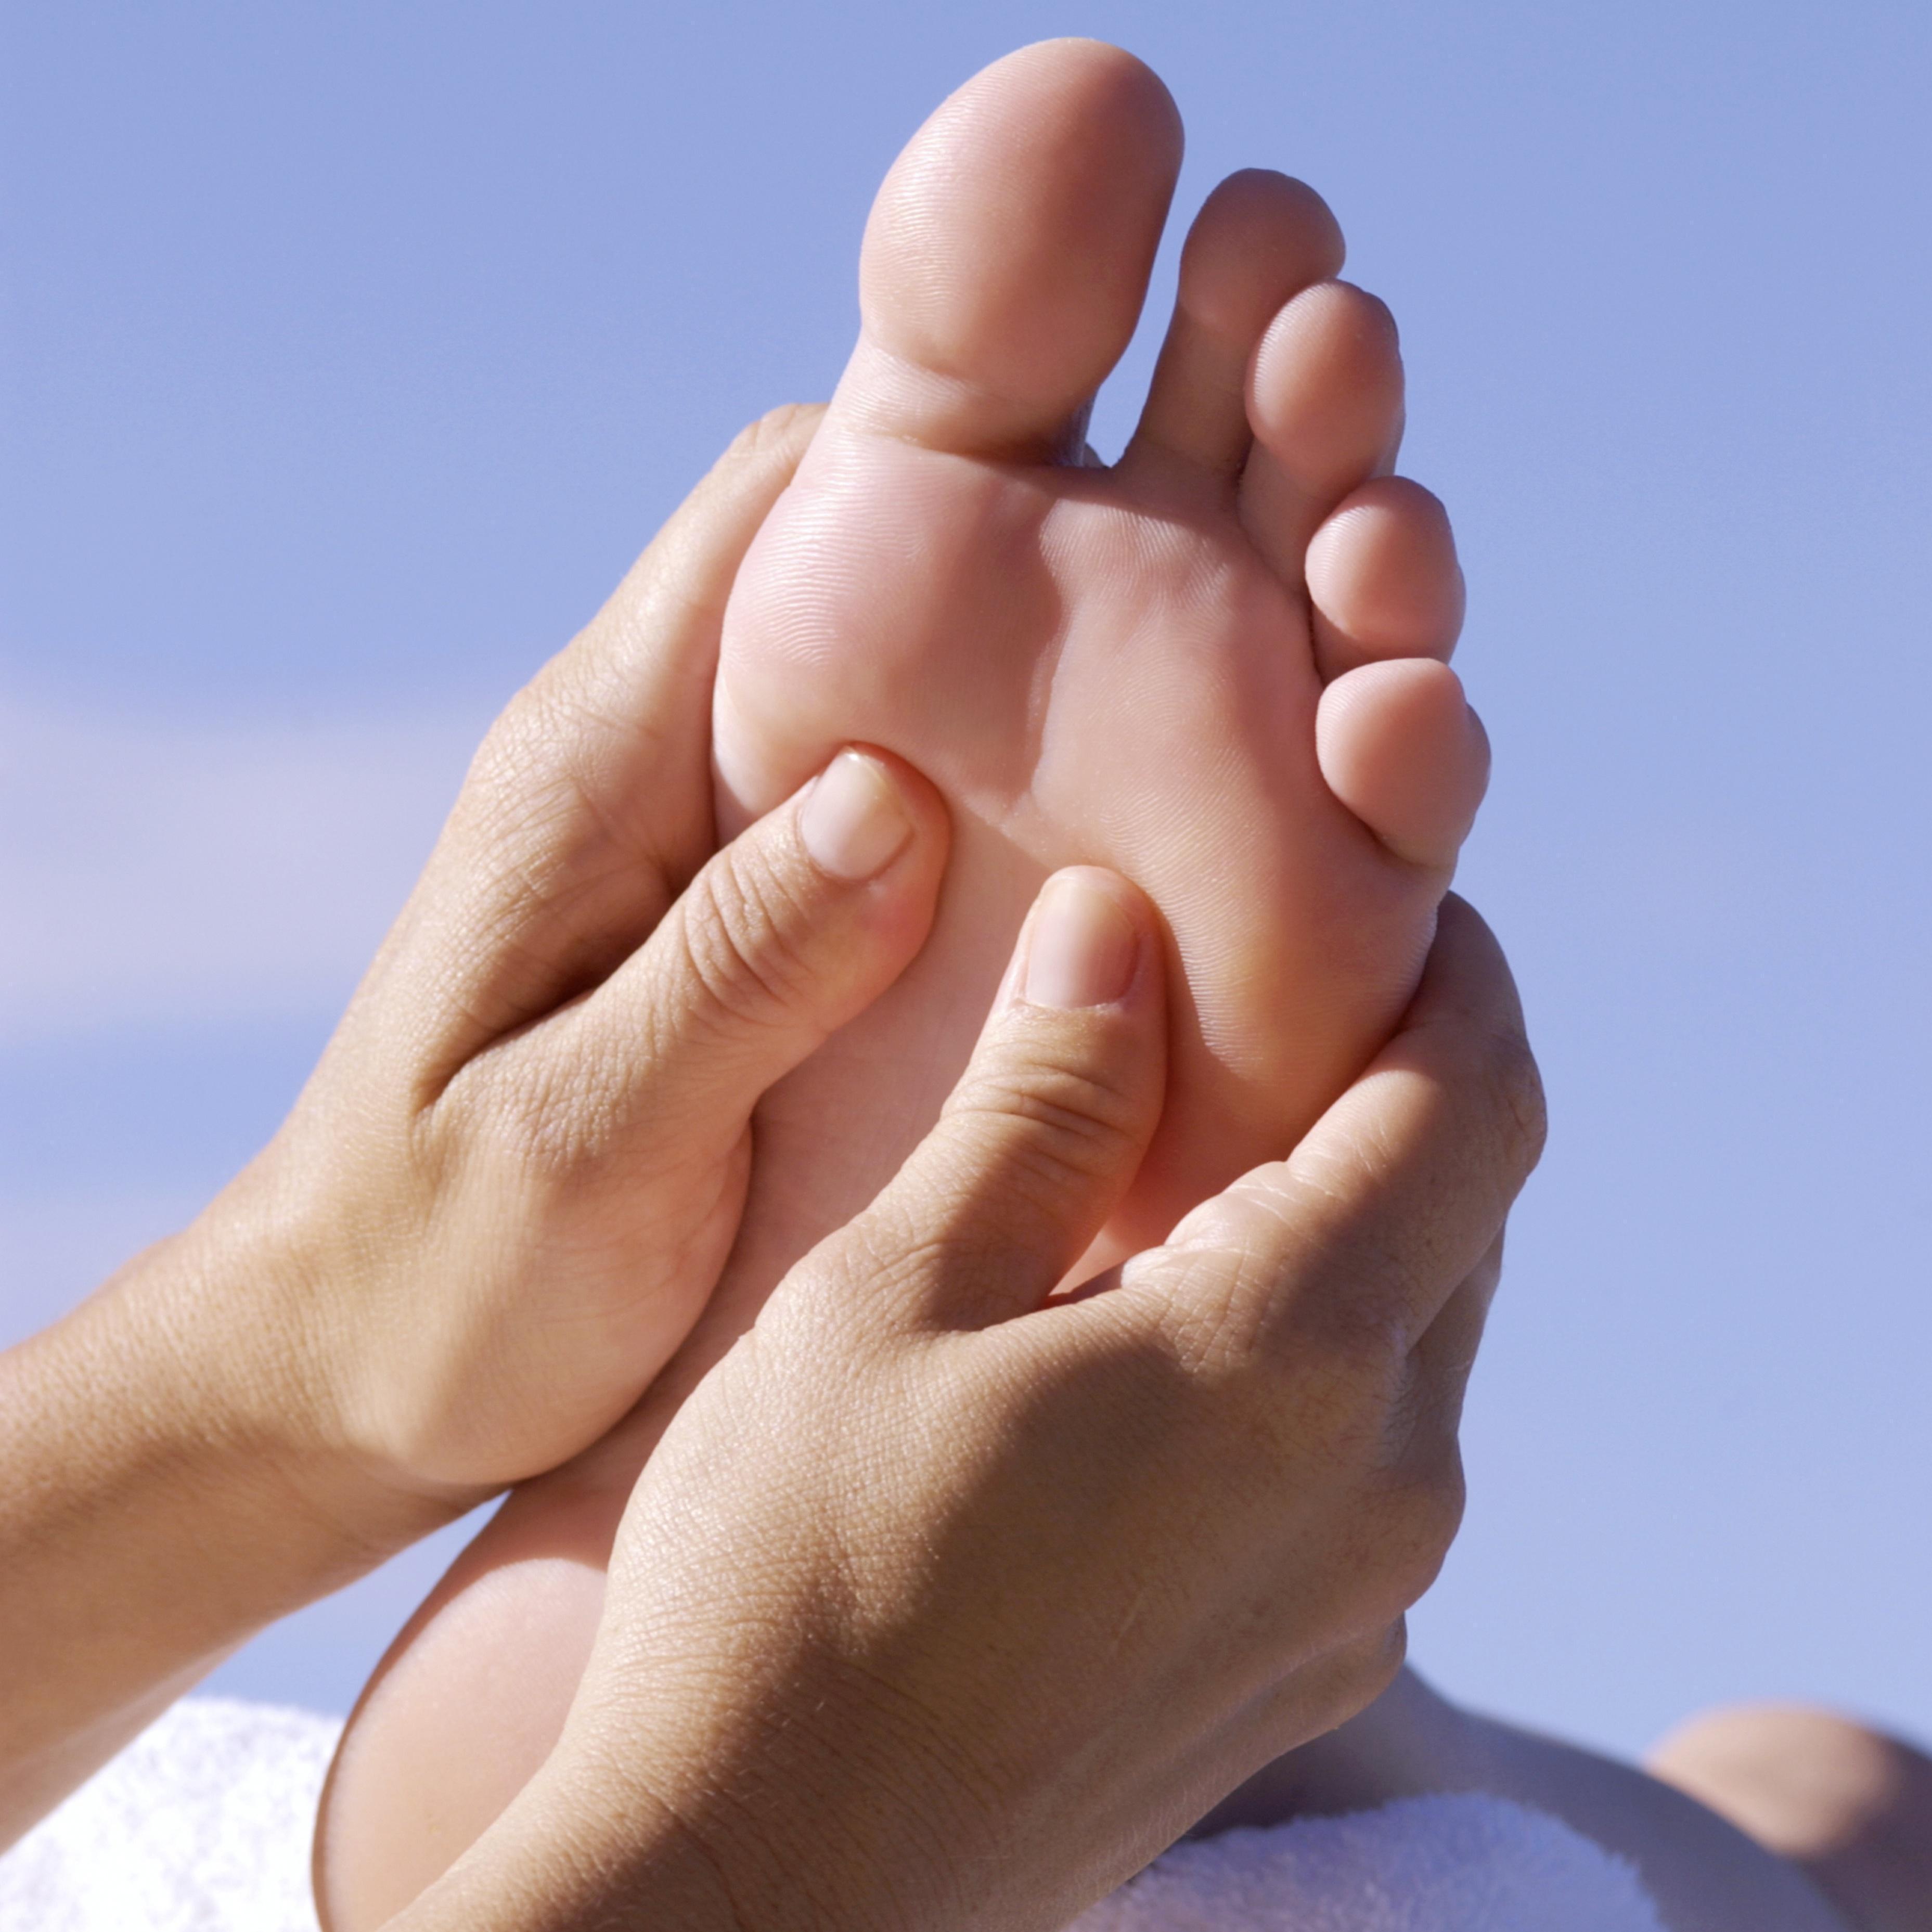 img_come_fare_un_massaggio_ai_piedi_2741_orig